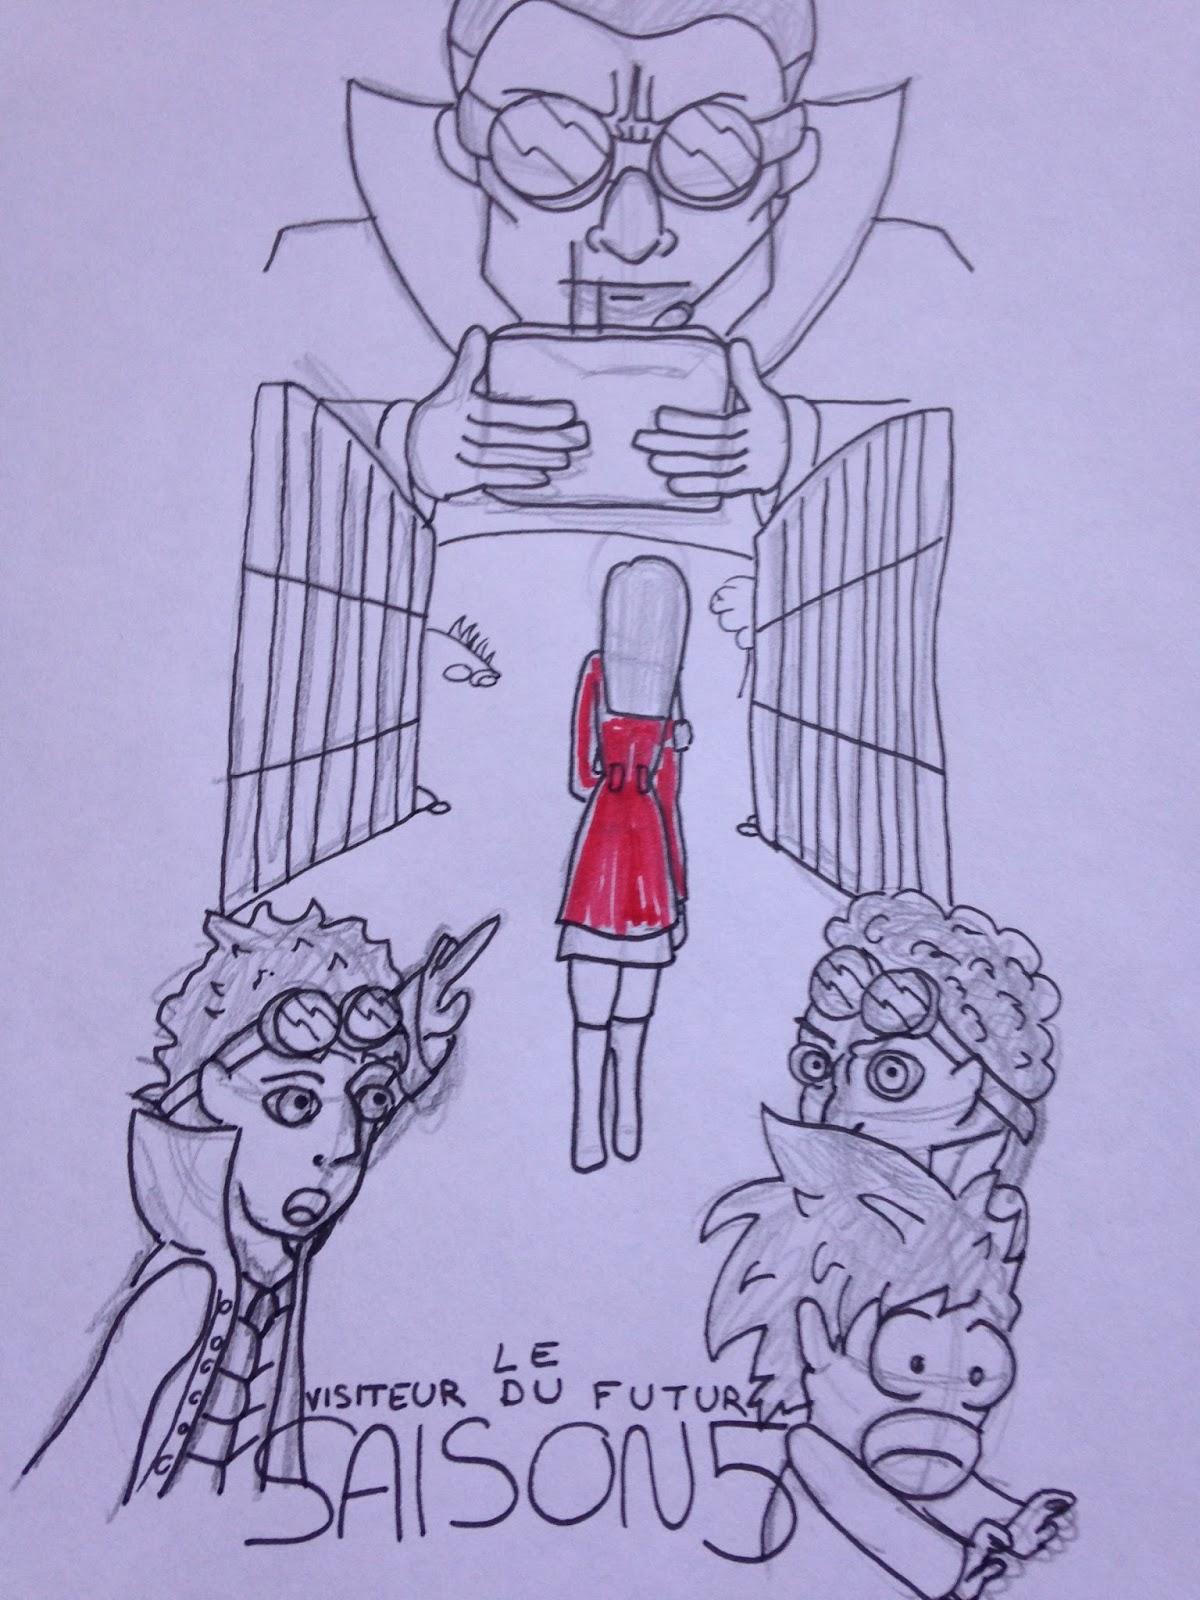 Le visiteur du futur, saison 5: Scénario IMG_2236